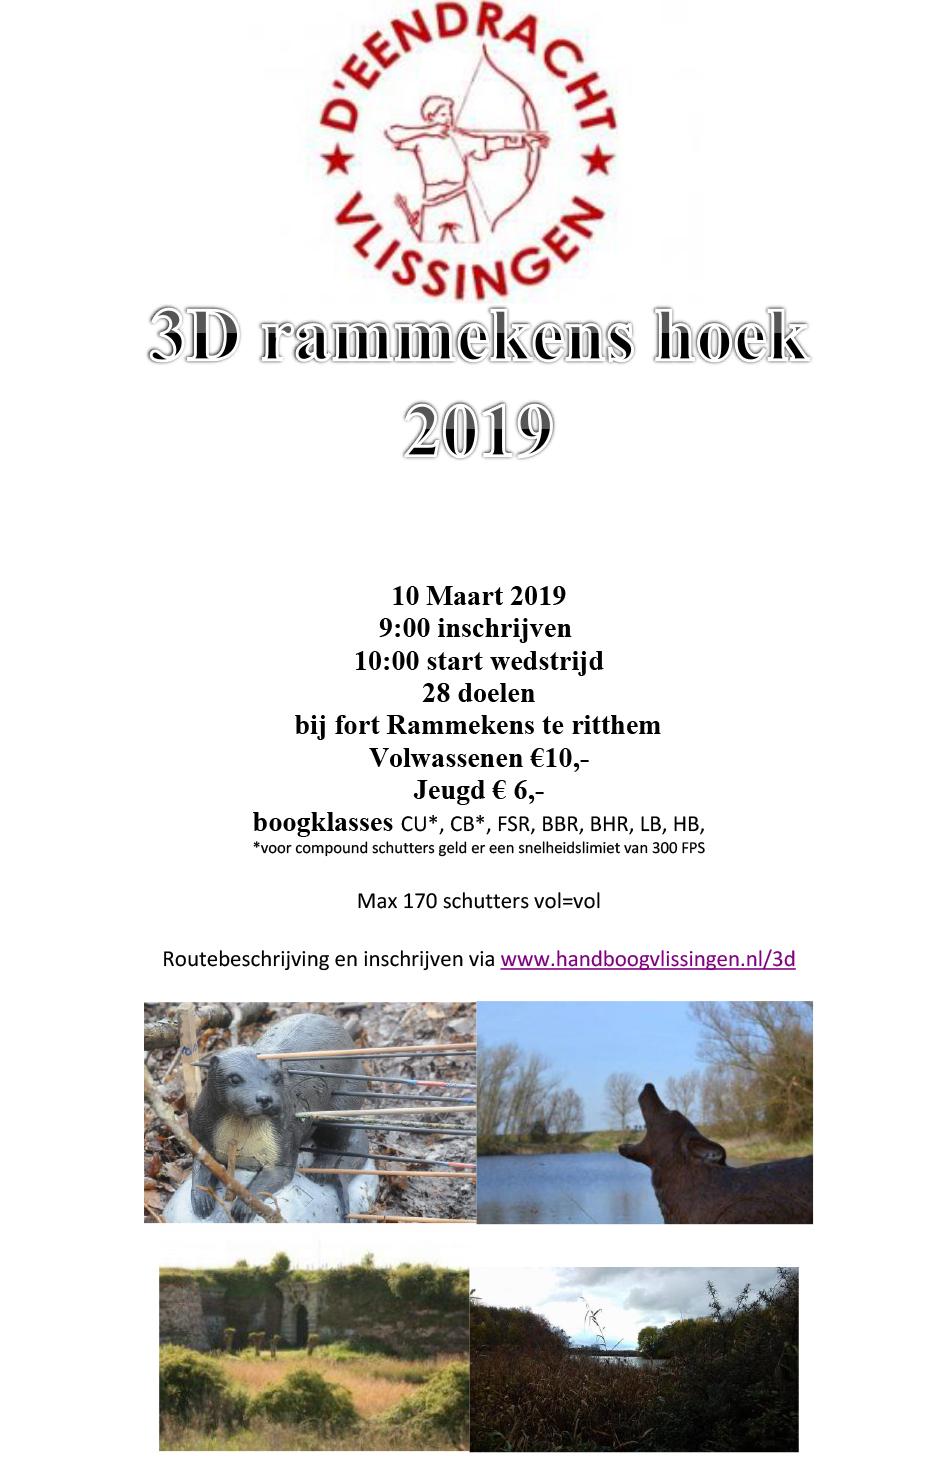 rammekenshoek-2019-uitnodiging-1